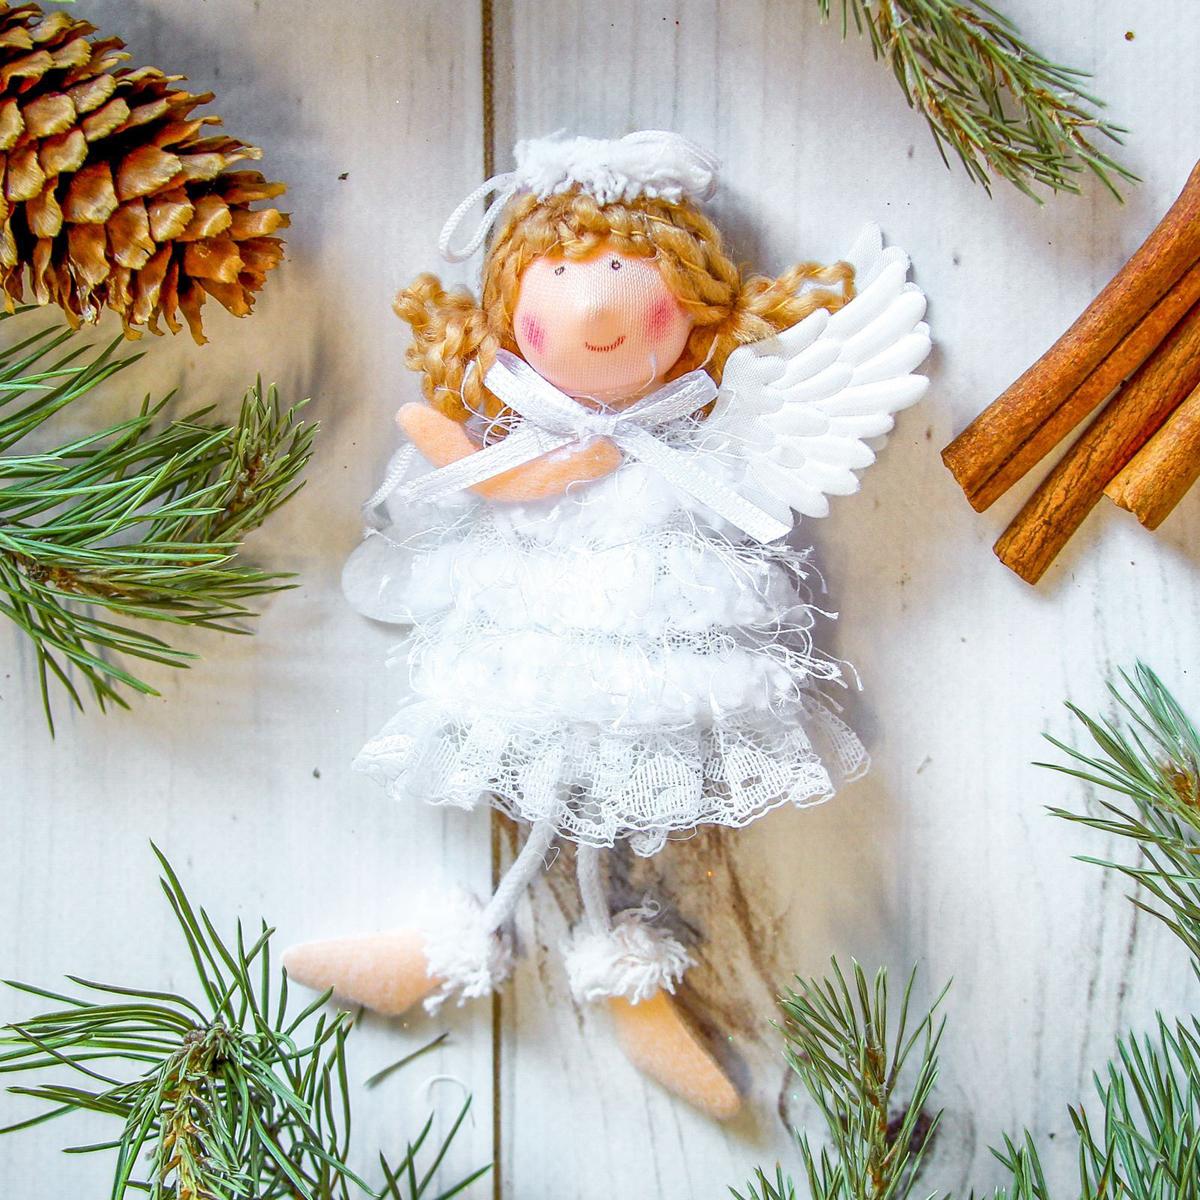 Украшение новогоднее подвесное Девочка, 6 х 9 см2357049Новогоднее украшение ручной работы отлично подойдет для декорации вашего дома и новогодней ели. С помощью специальной петельки украшение можно повесить в любом понравившемся вам месте. Но, конечно, удачнее всего оно будет смотреться на праздничной елке.Елочная игрушка - символ Нового года. Она несет в себе волшебство и красоту праздника. Такое украшение создаст в вашем доме атмосферу праздника, веселья и радости.